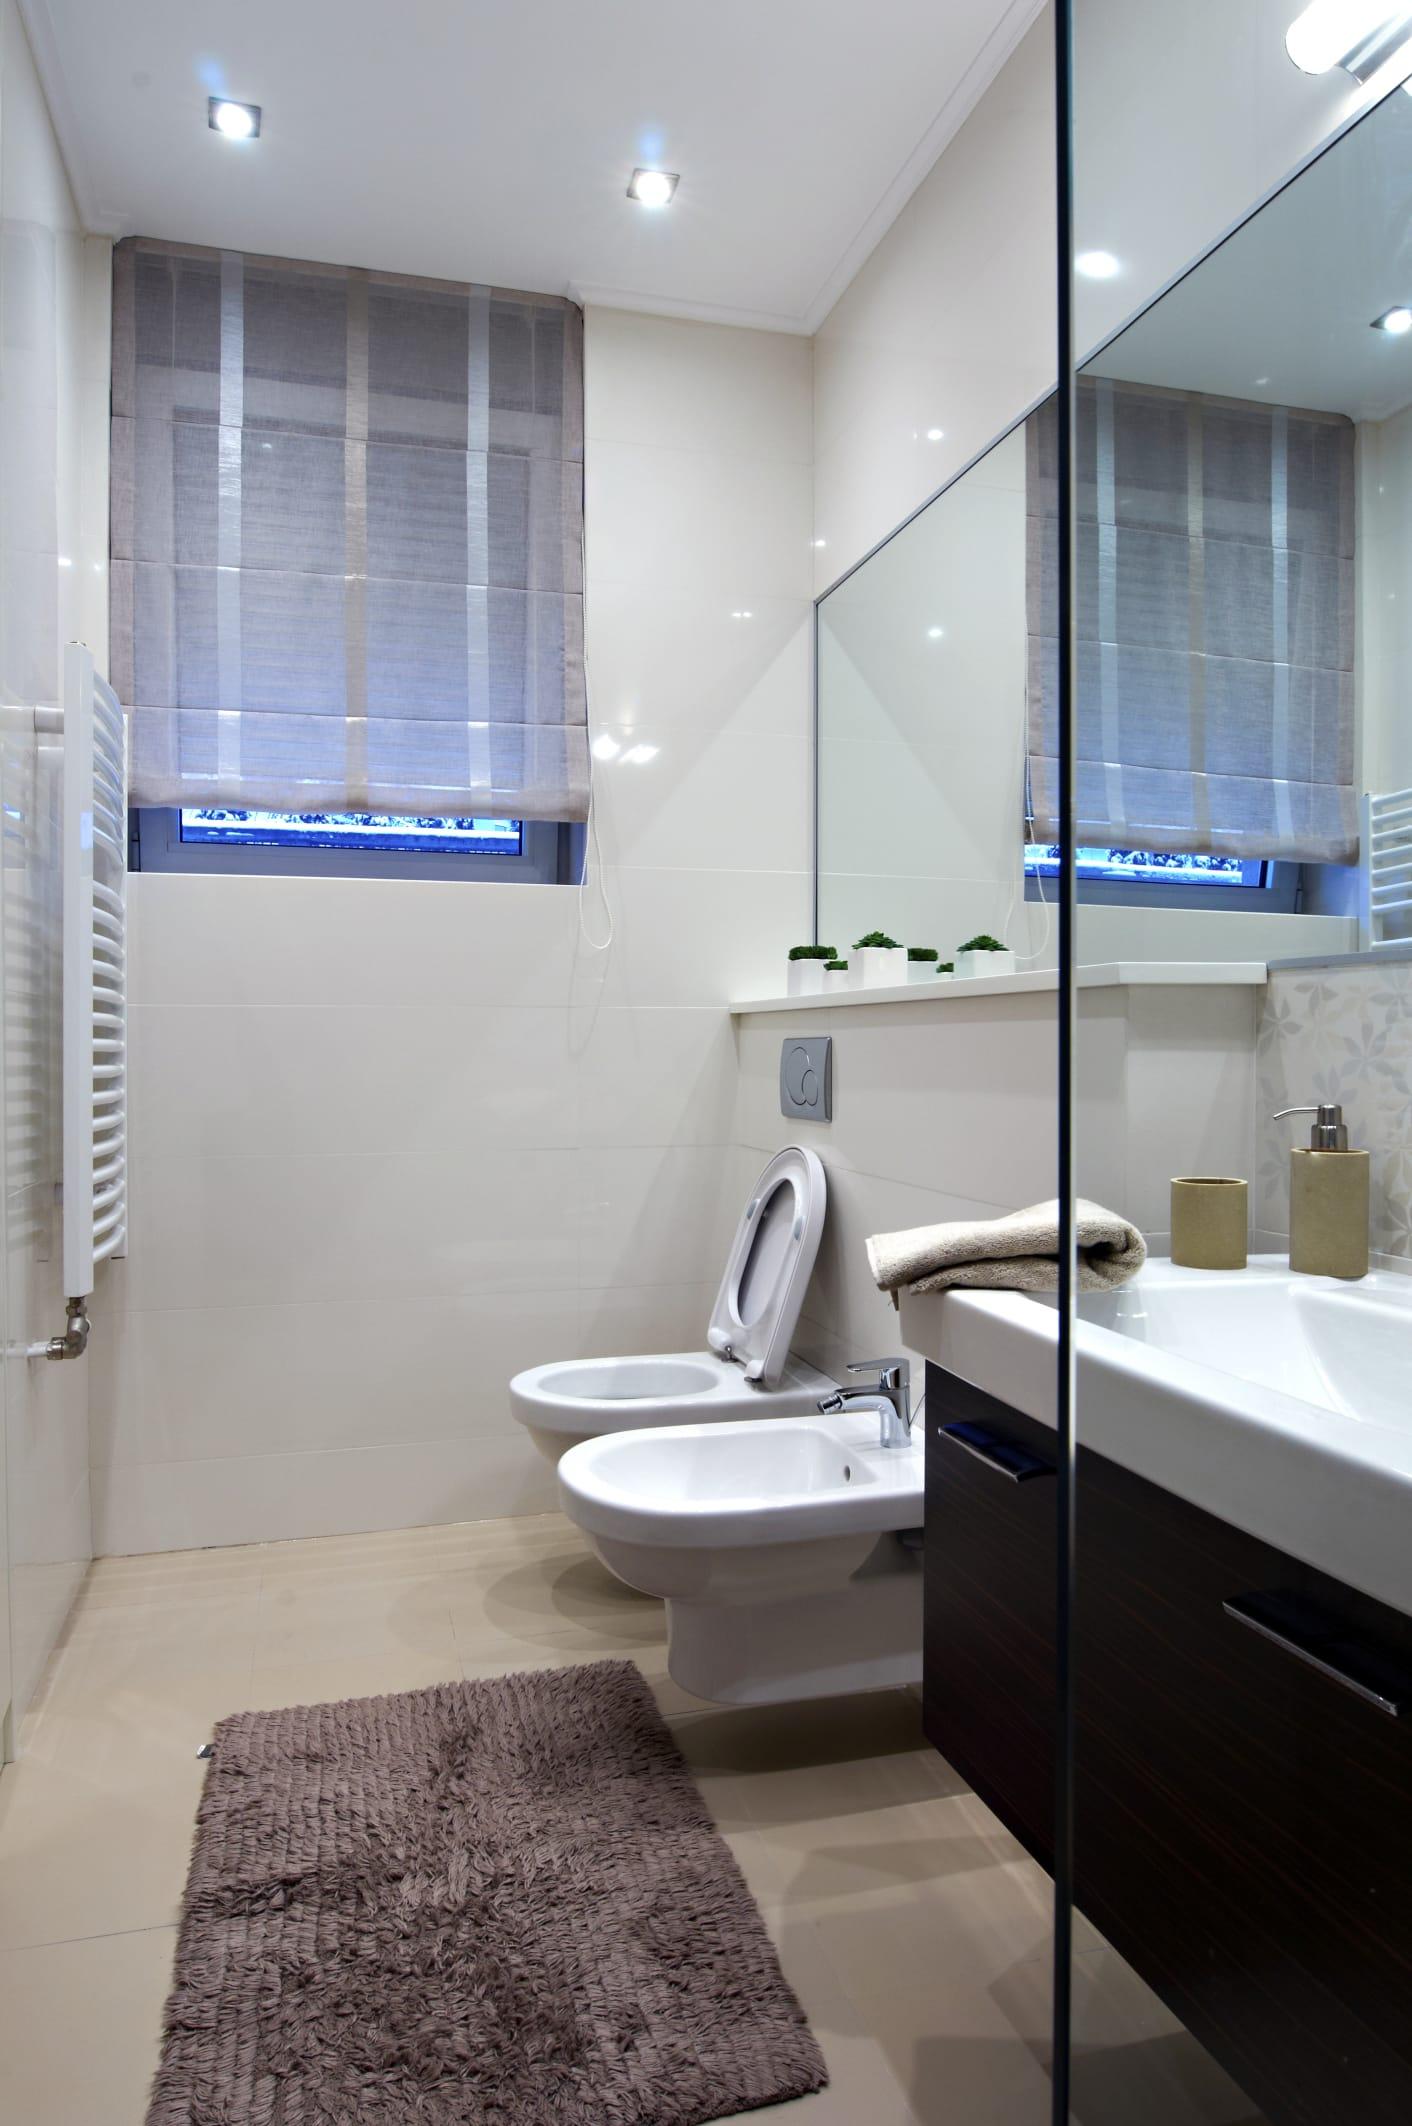 Come ristrutturare il bagno in maniera ecosostenibile - Ristrutturare un bagno ...